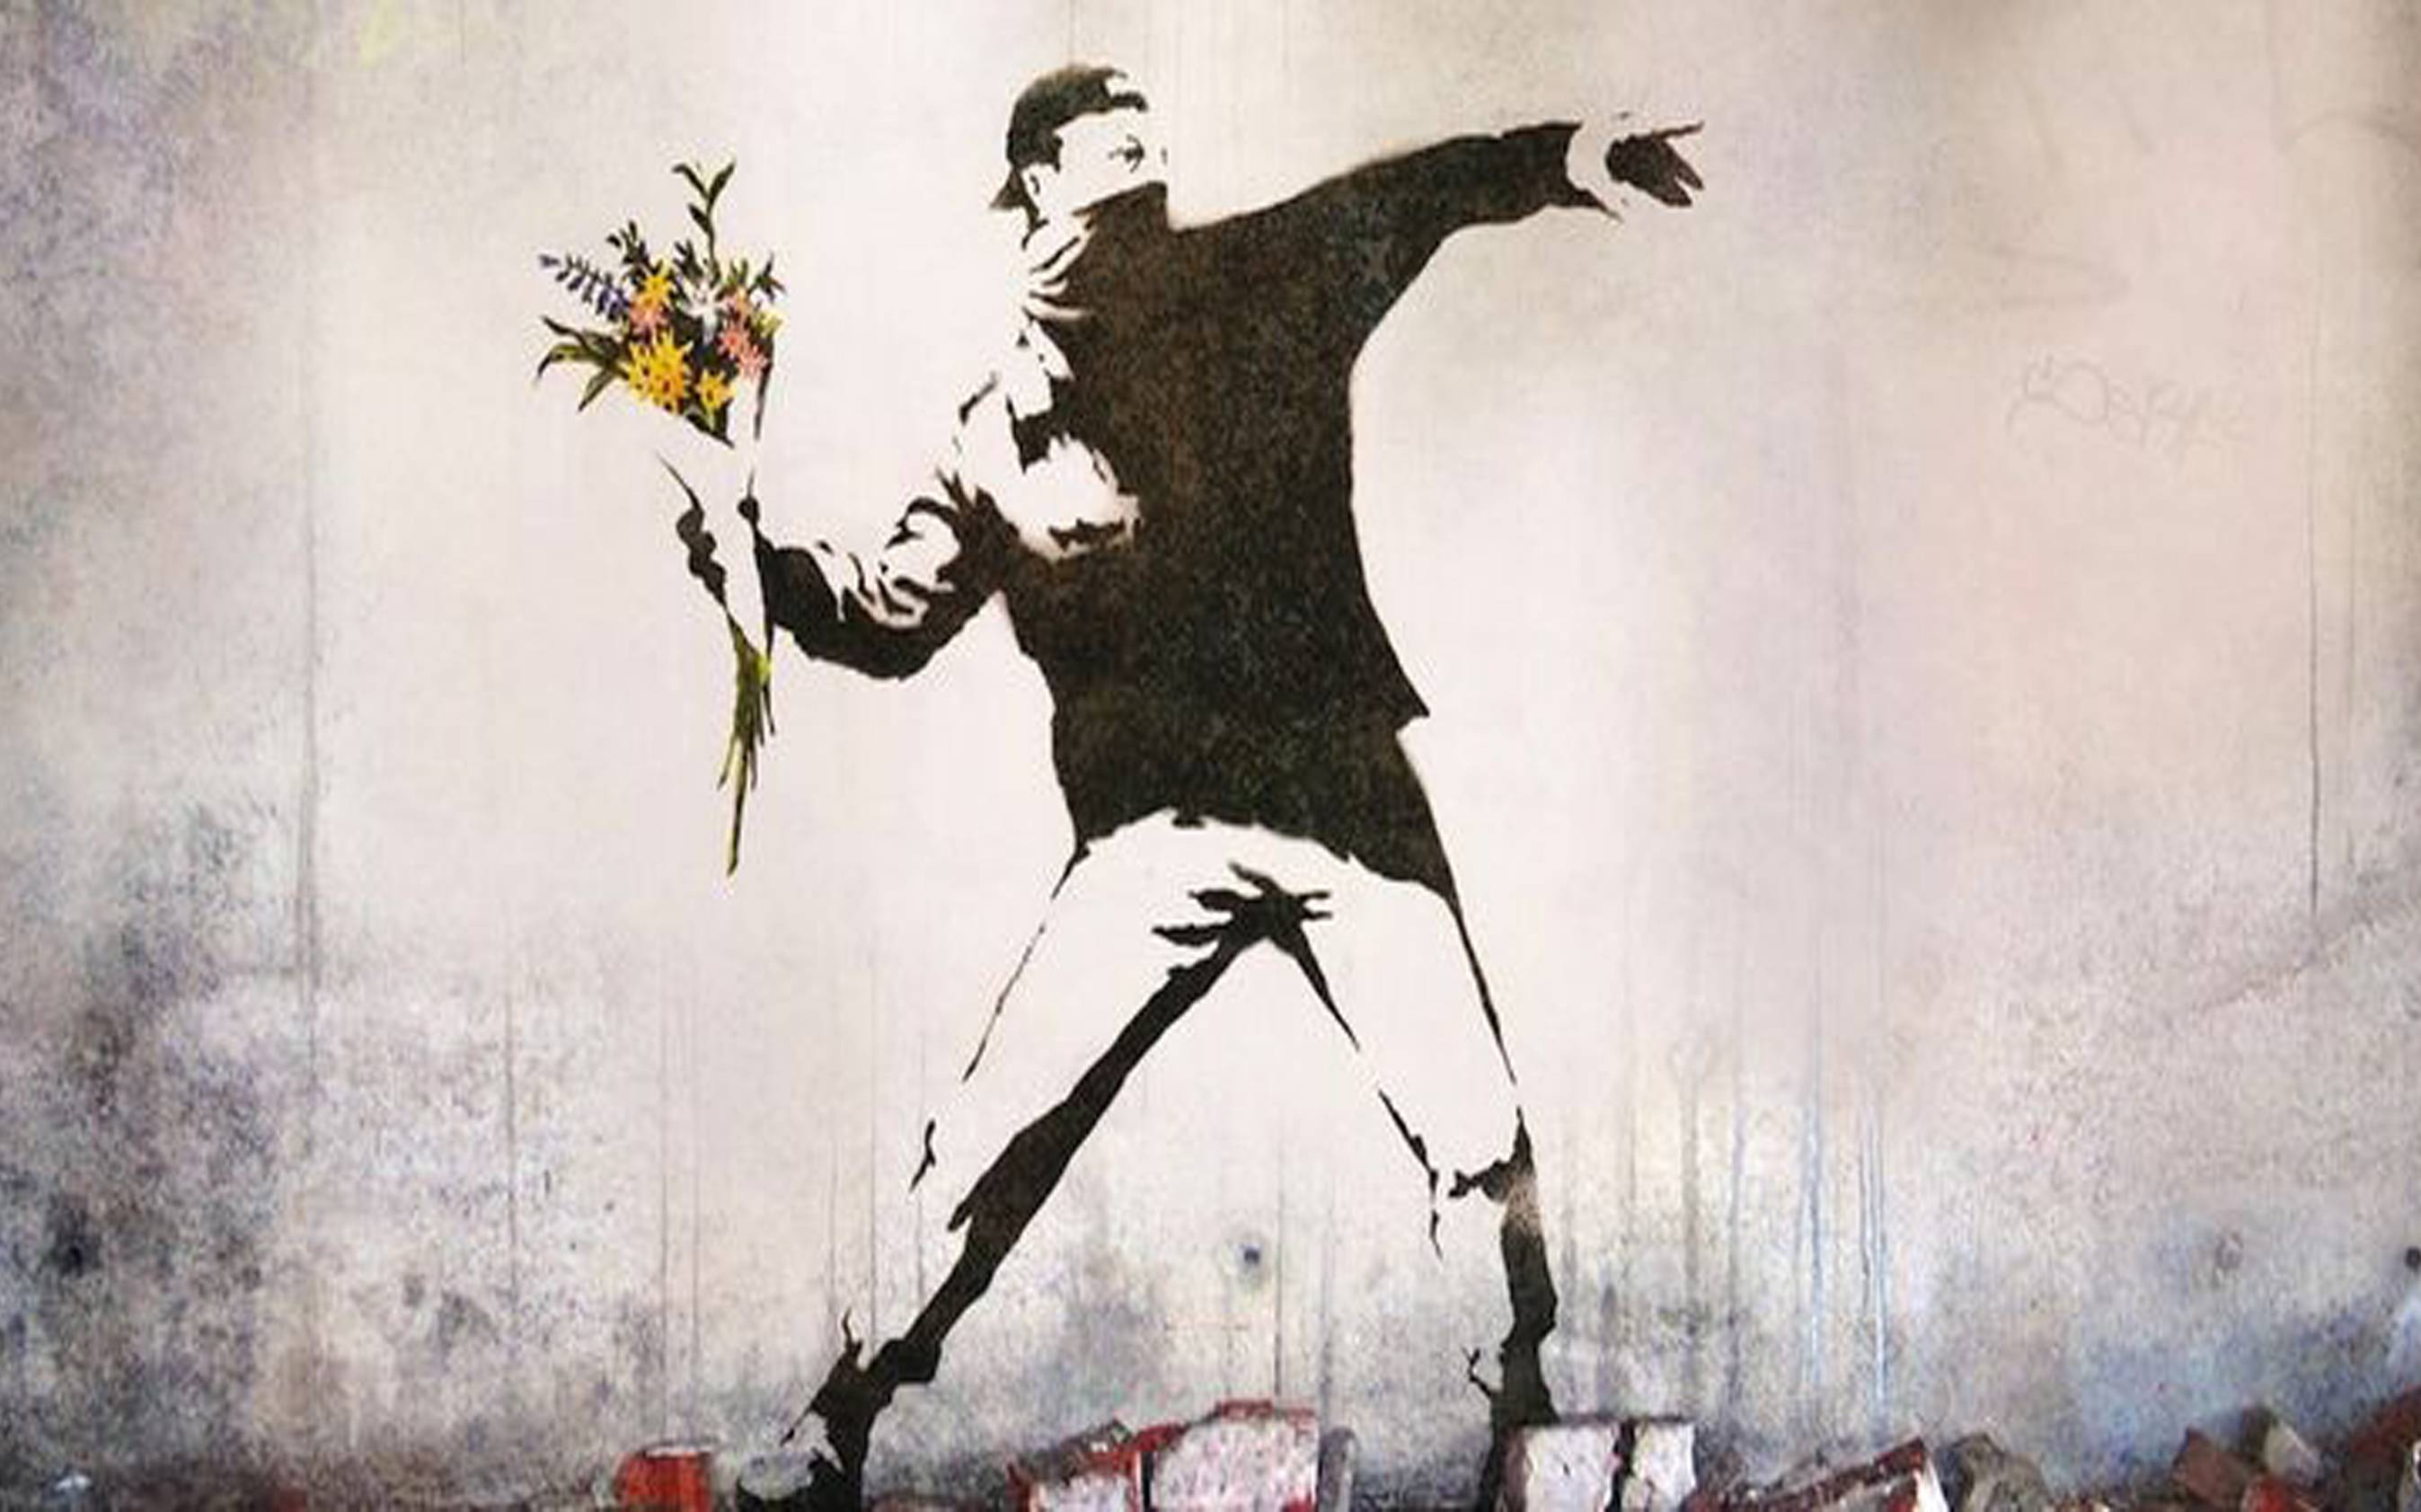 Una celebre opera di street art di Bansky